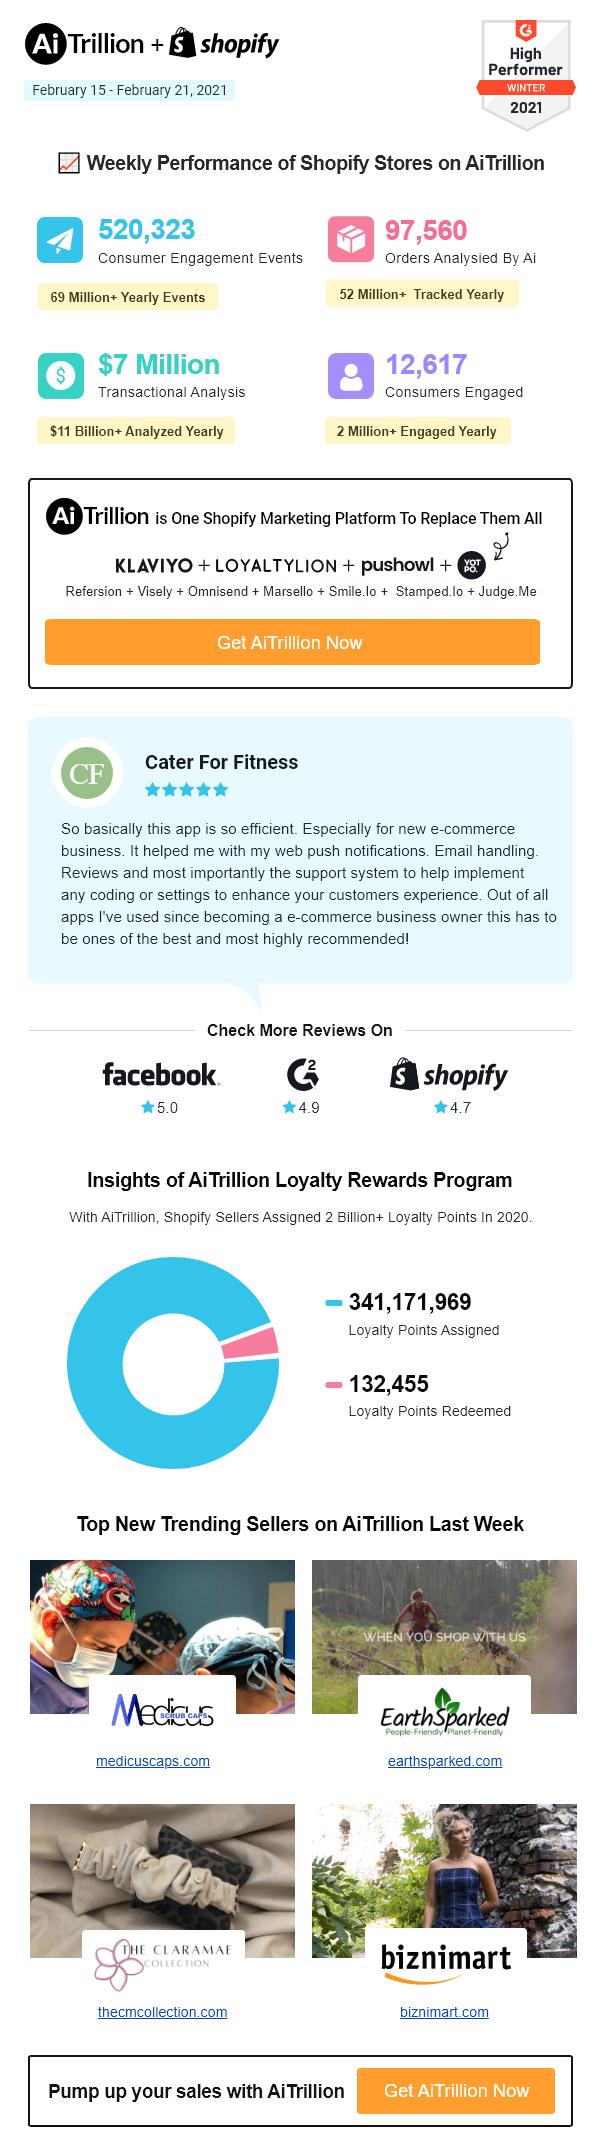 Shopify Statistics